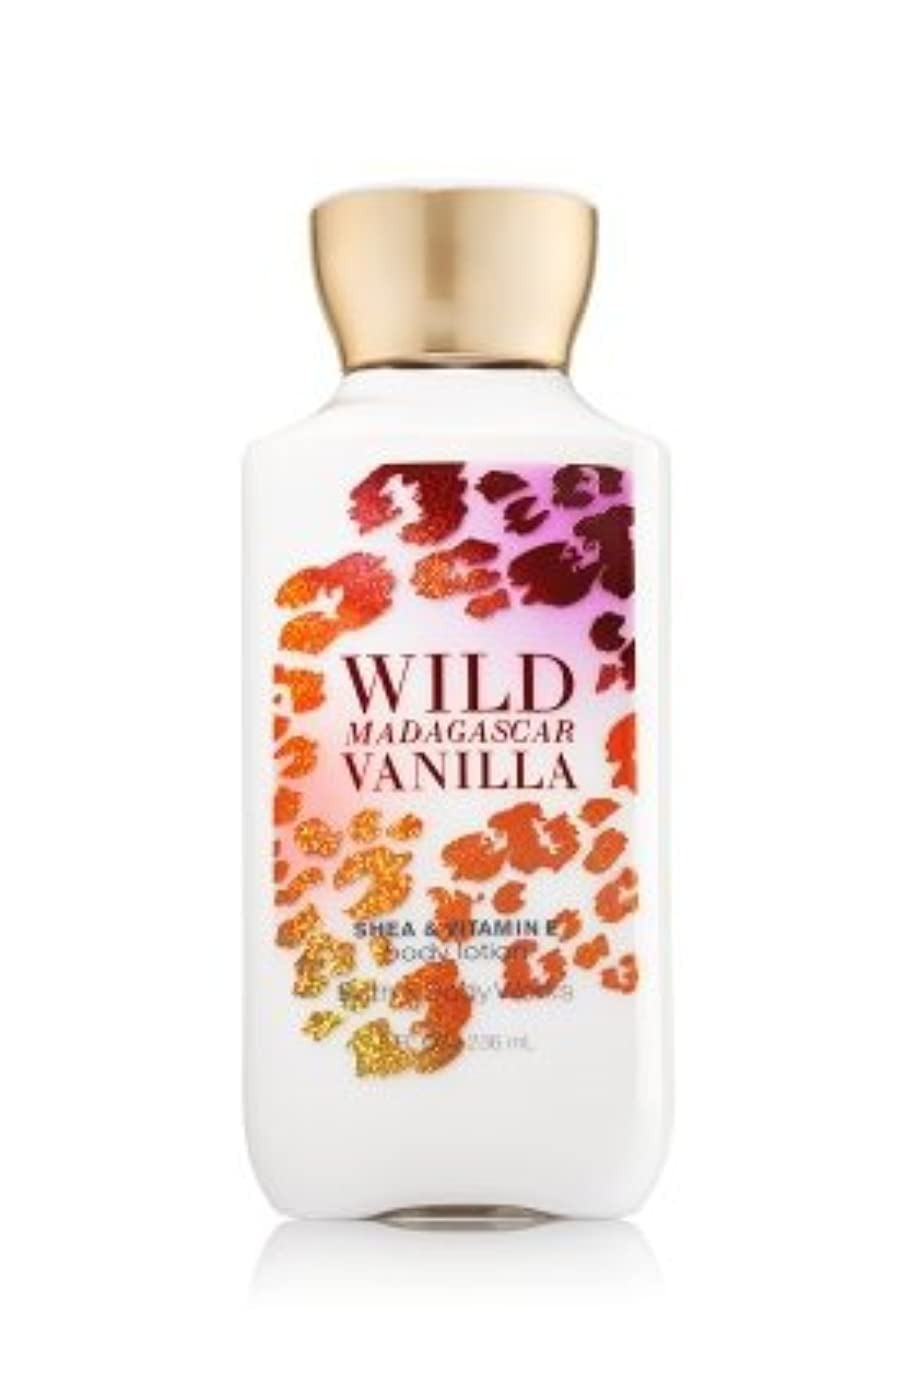 もっともらしい血統ベンチBath & Body Works Wild Madagascar Vanilla Body Lotion 8 Fl Oz. [並行輸入品]